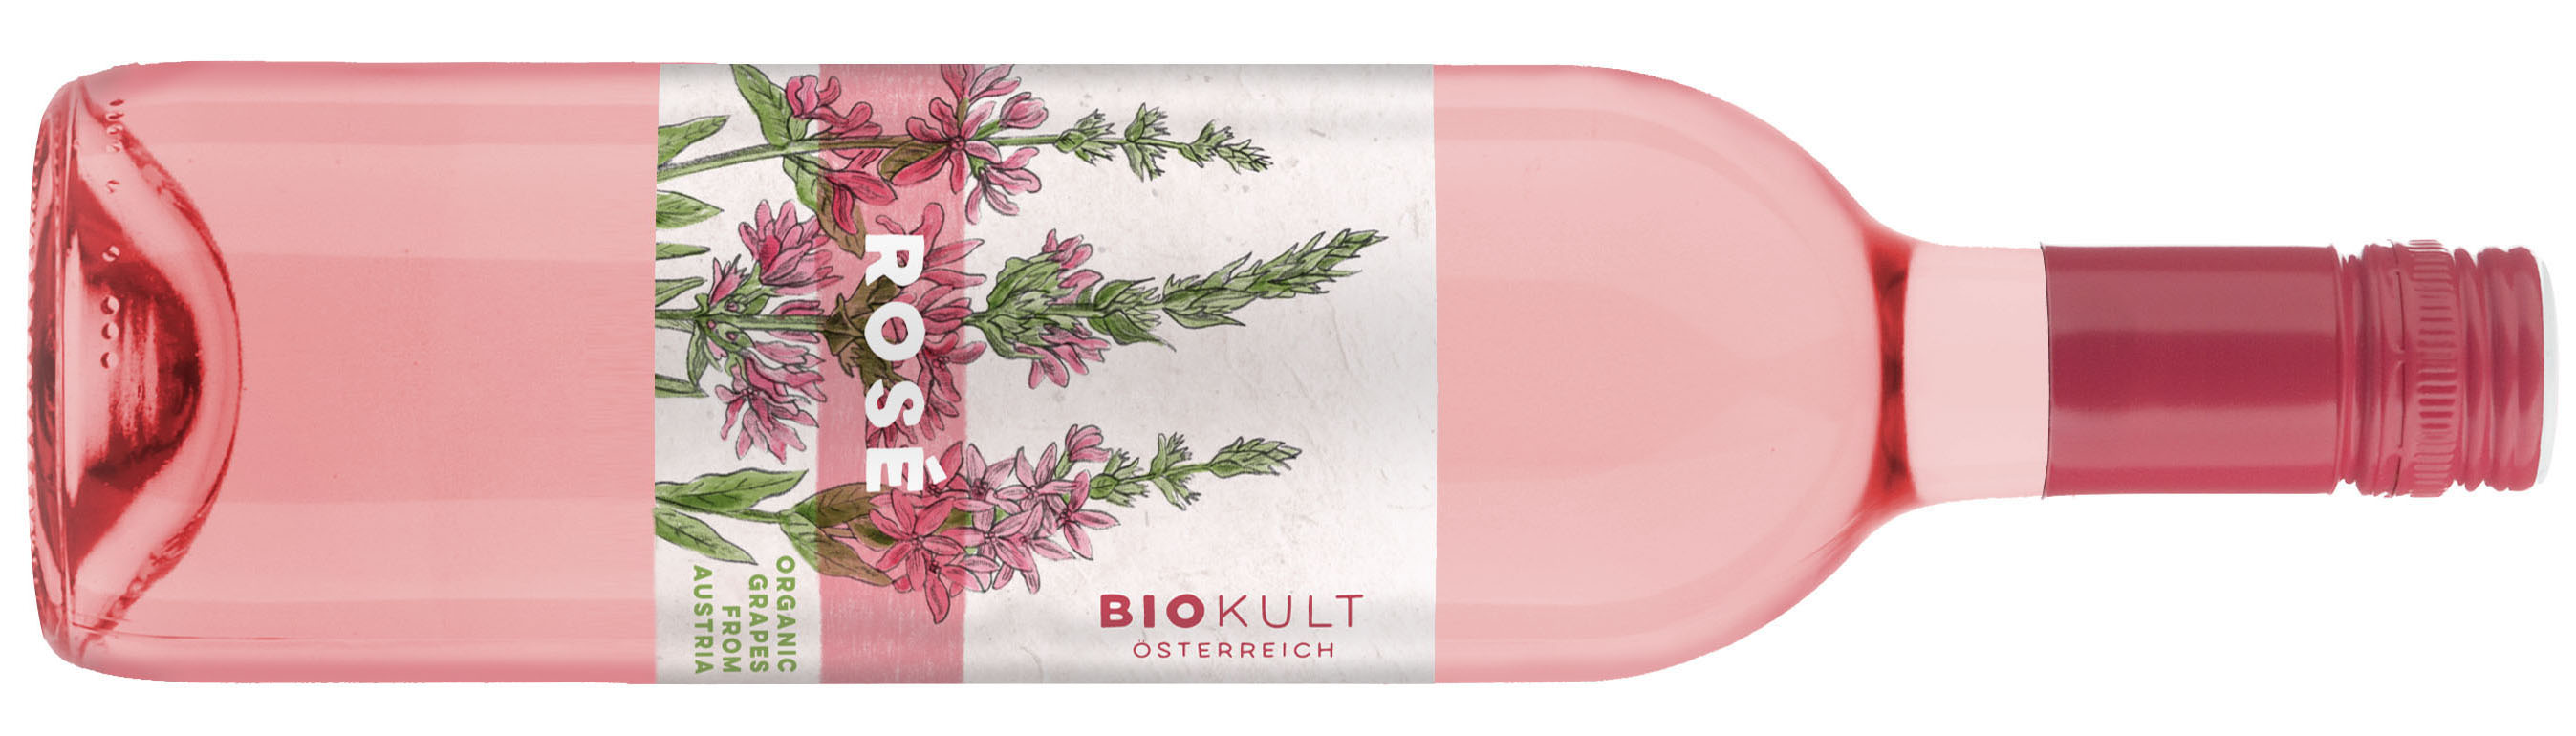 2019 Biokult Zweigelt Rose Best Organic Wines